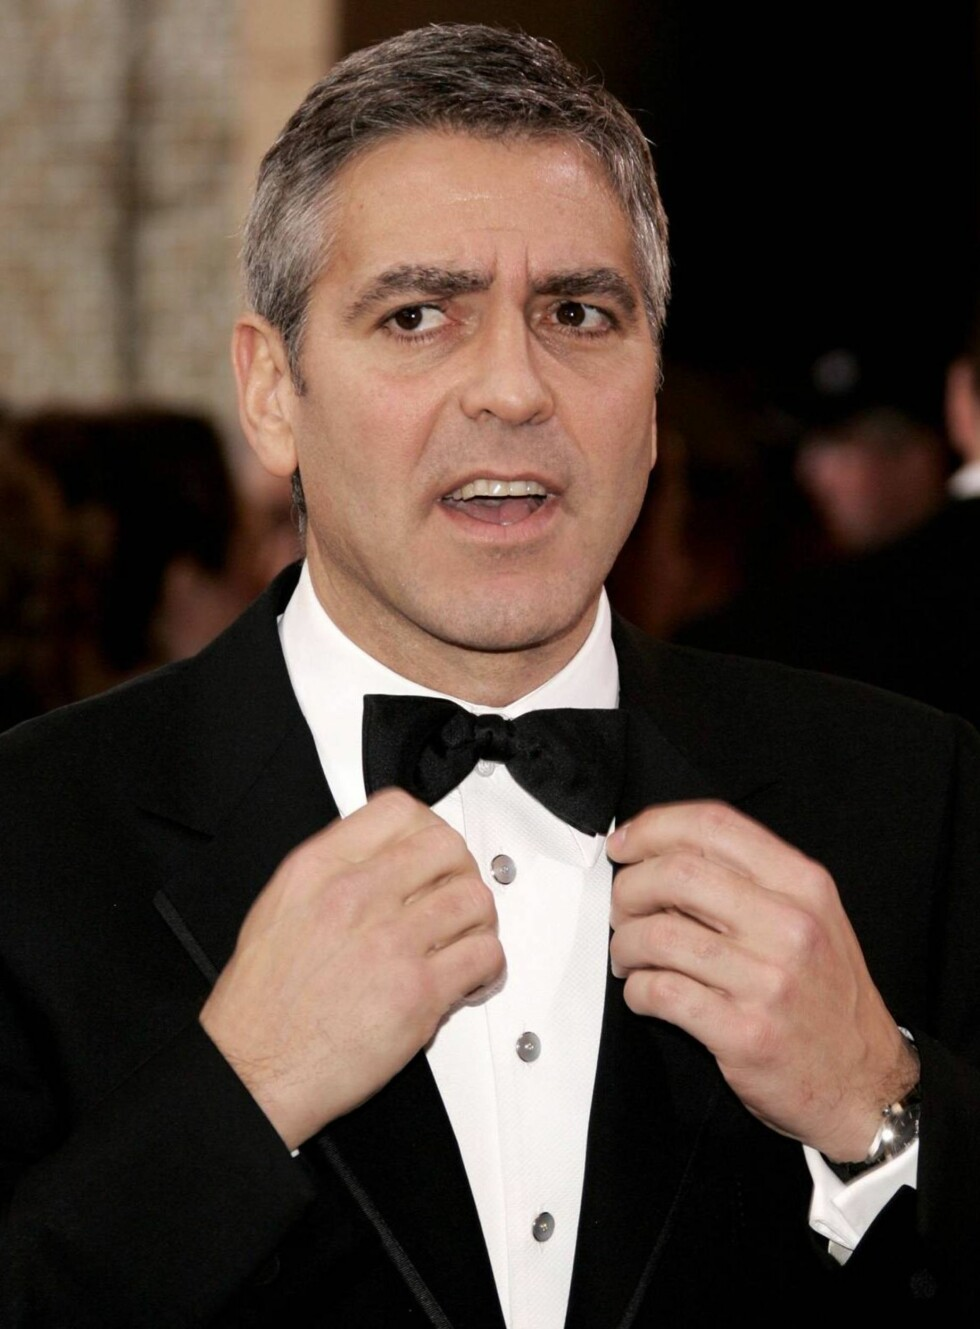 FAVORITT: George Clooney ble nominert til tre priser, og gleder seg til Oscar-festen! Foto: All Over Press